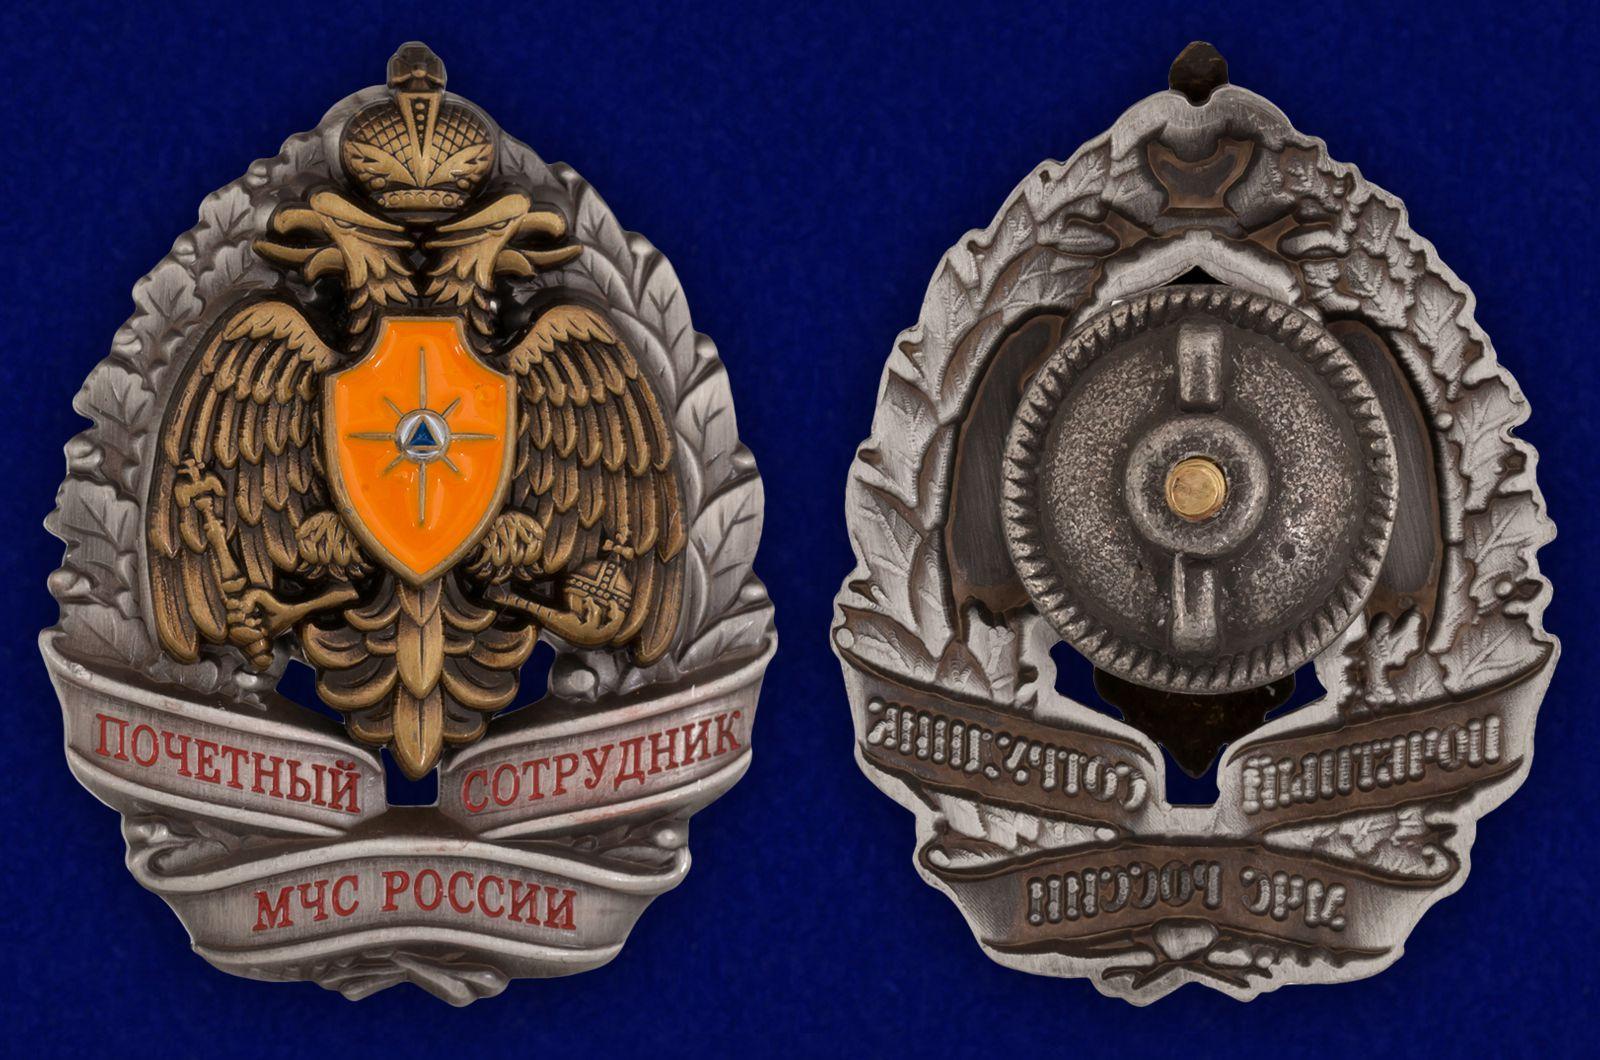 """Знак """"Почетный сотрудник МЧС России"""" - аверс и реверс"""